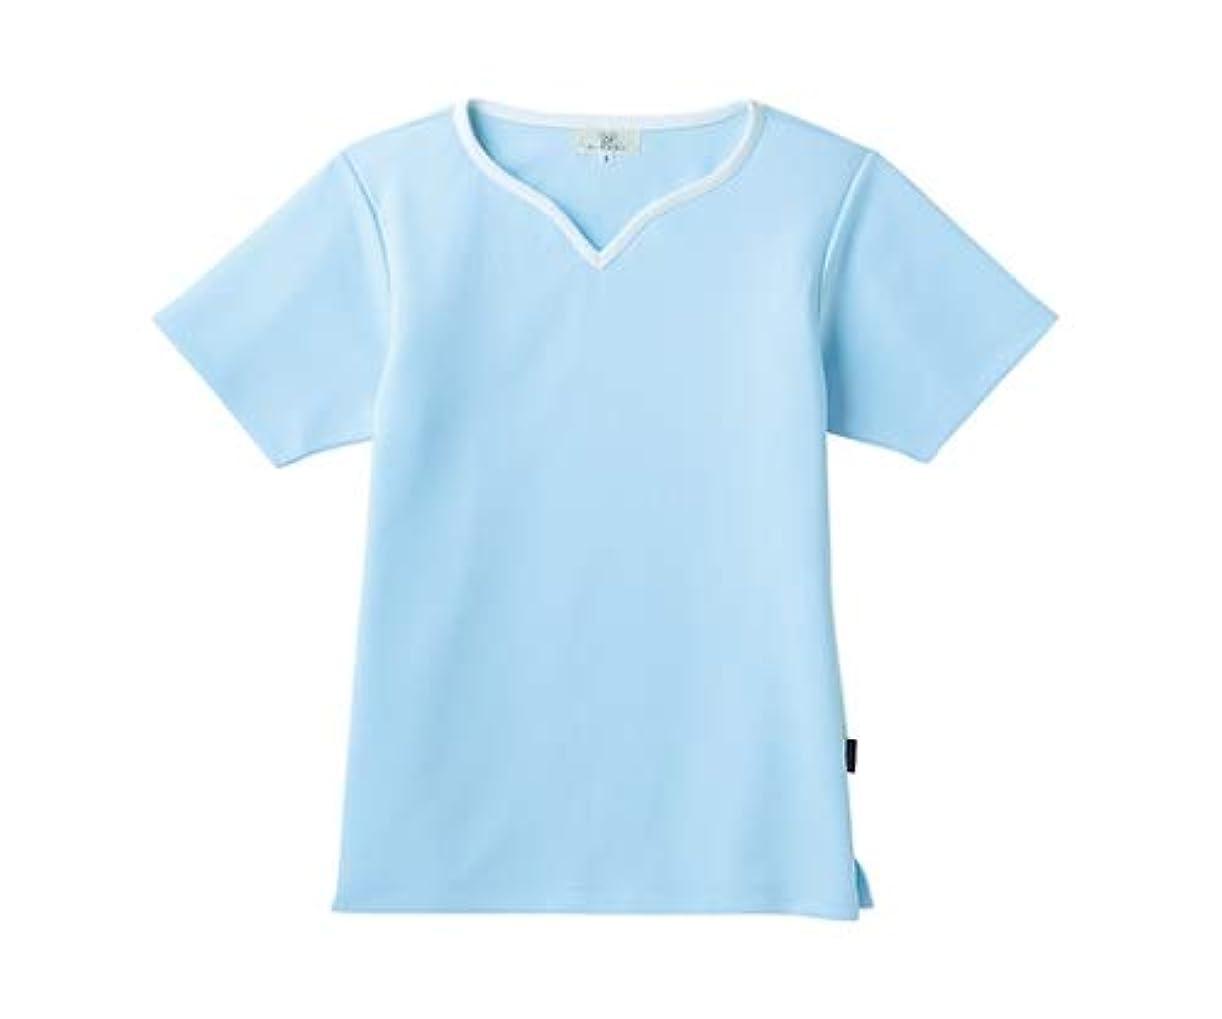 逮捕膿瘍侮辱トンボ/KIRAKU レディス入浴介助用シャツ CR161 3L サックス